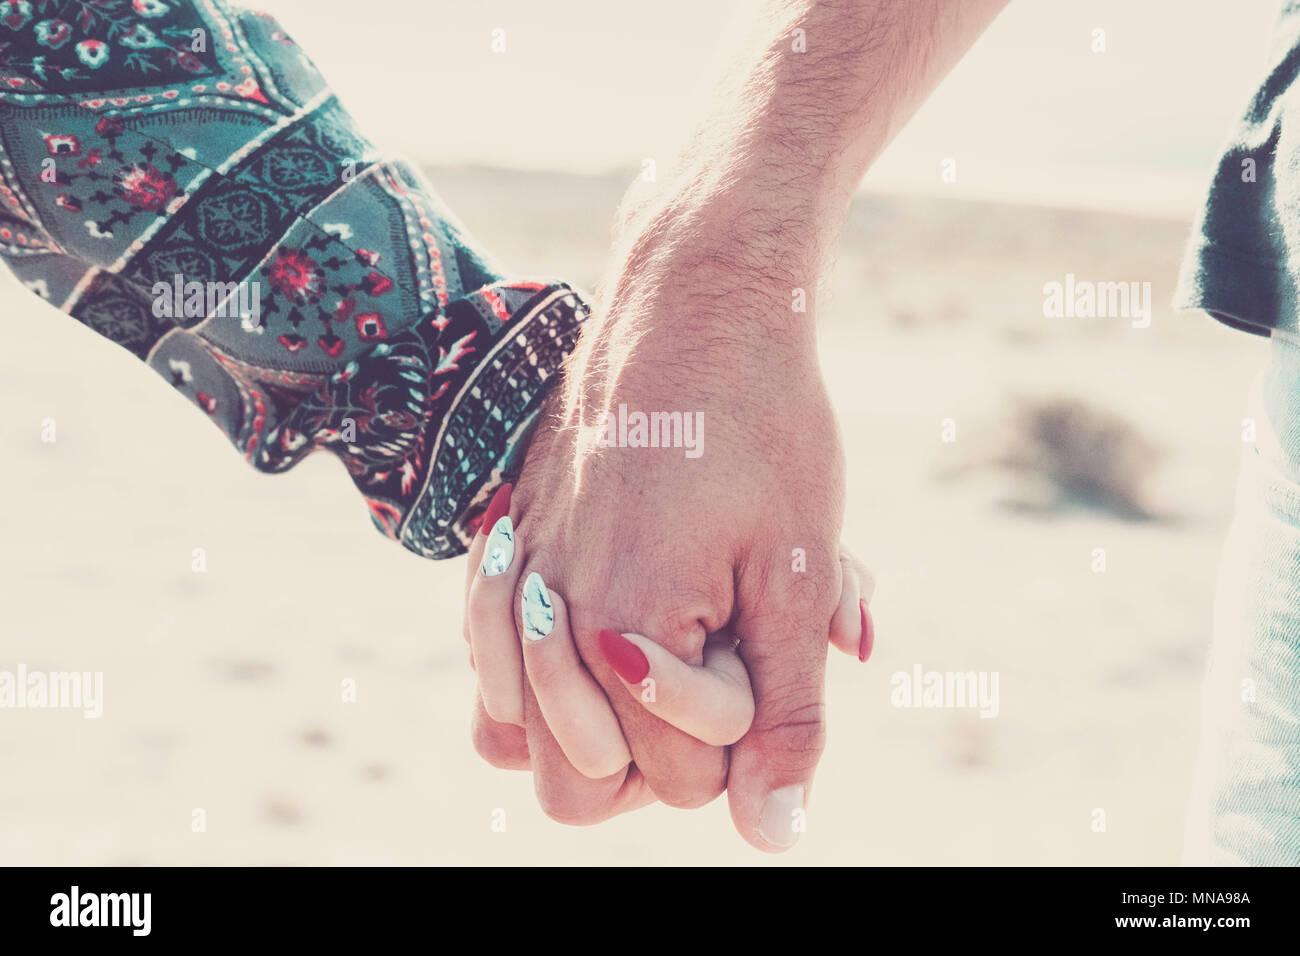 Liebe für immer zusammen mit ein Paar der kaukasischen Jungen Hände Hug und tippen Sie unter dem Sonnenlicht. Urlaub Sommer und Vintage Farben. neuen Modus Stockbild